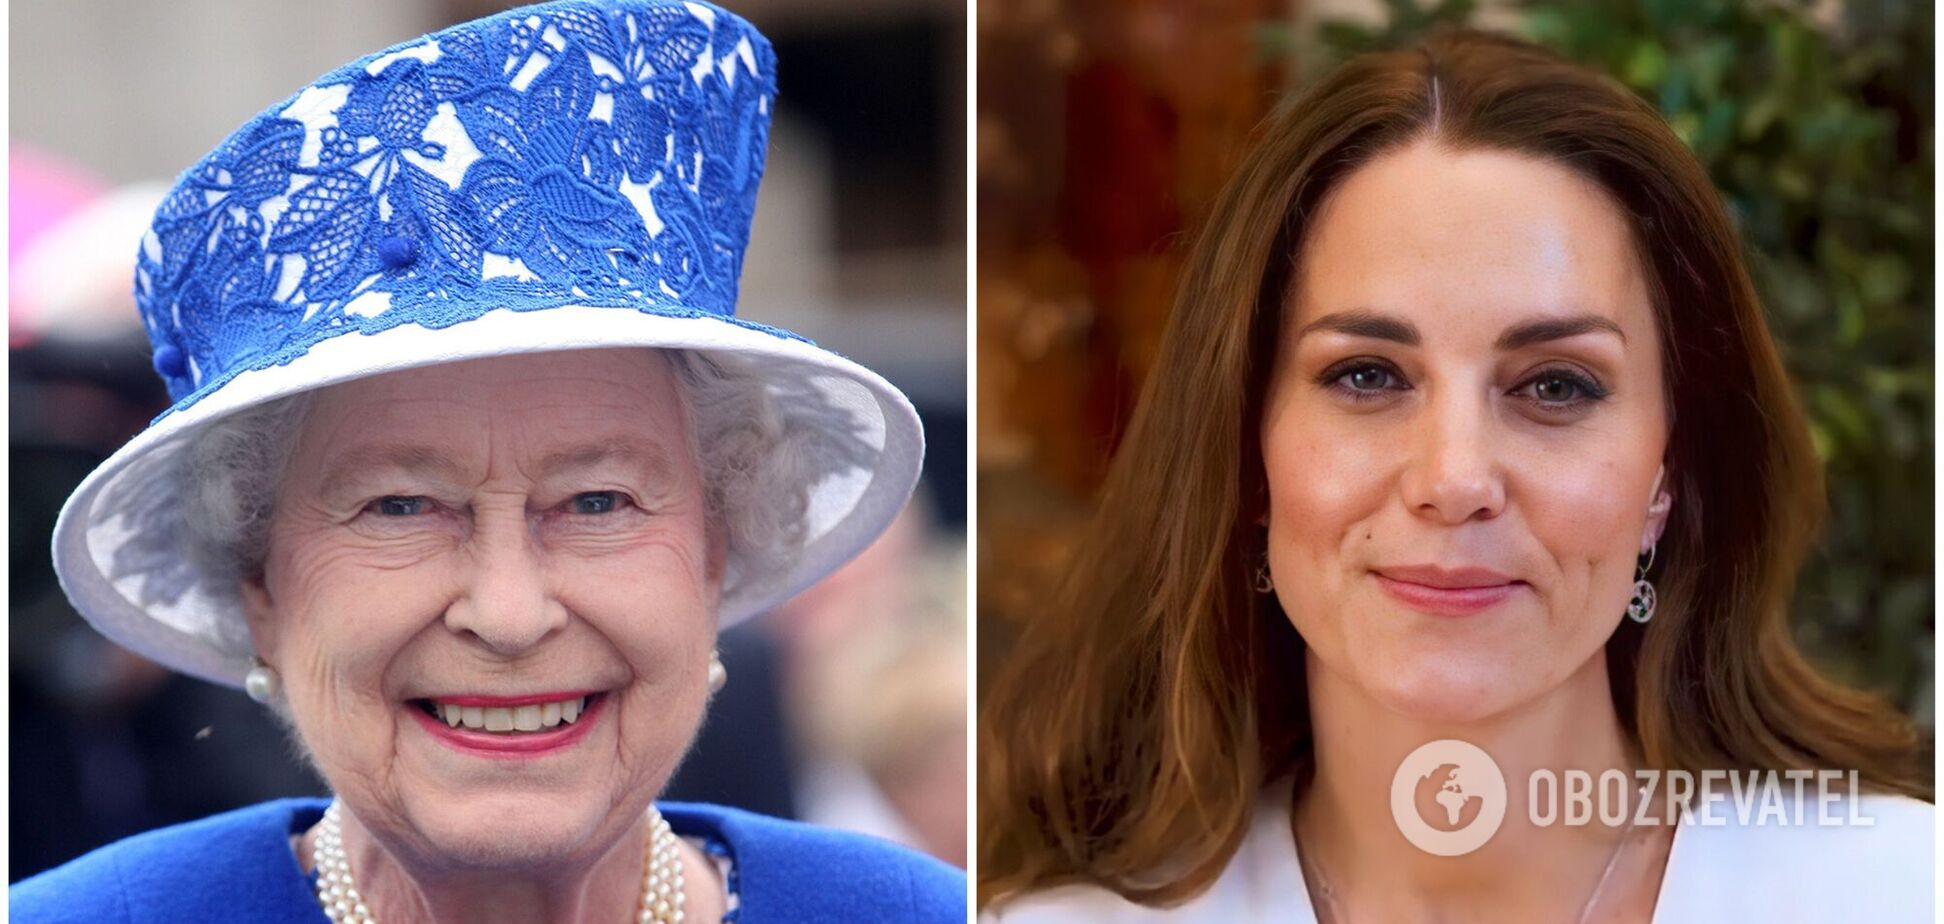 Найулюбленіші речі Міддлтон, Єлизавети II та інших членів королівської сім'ї, які вони носять роками. Фото